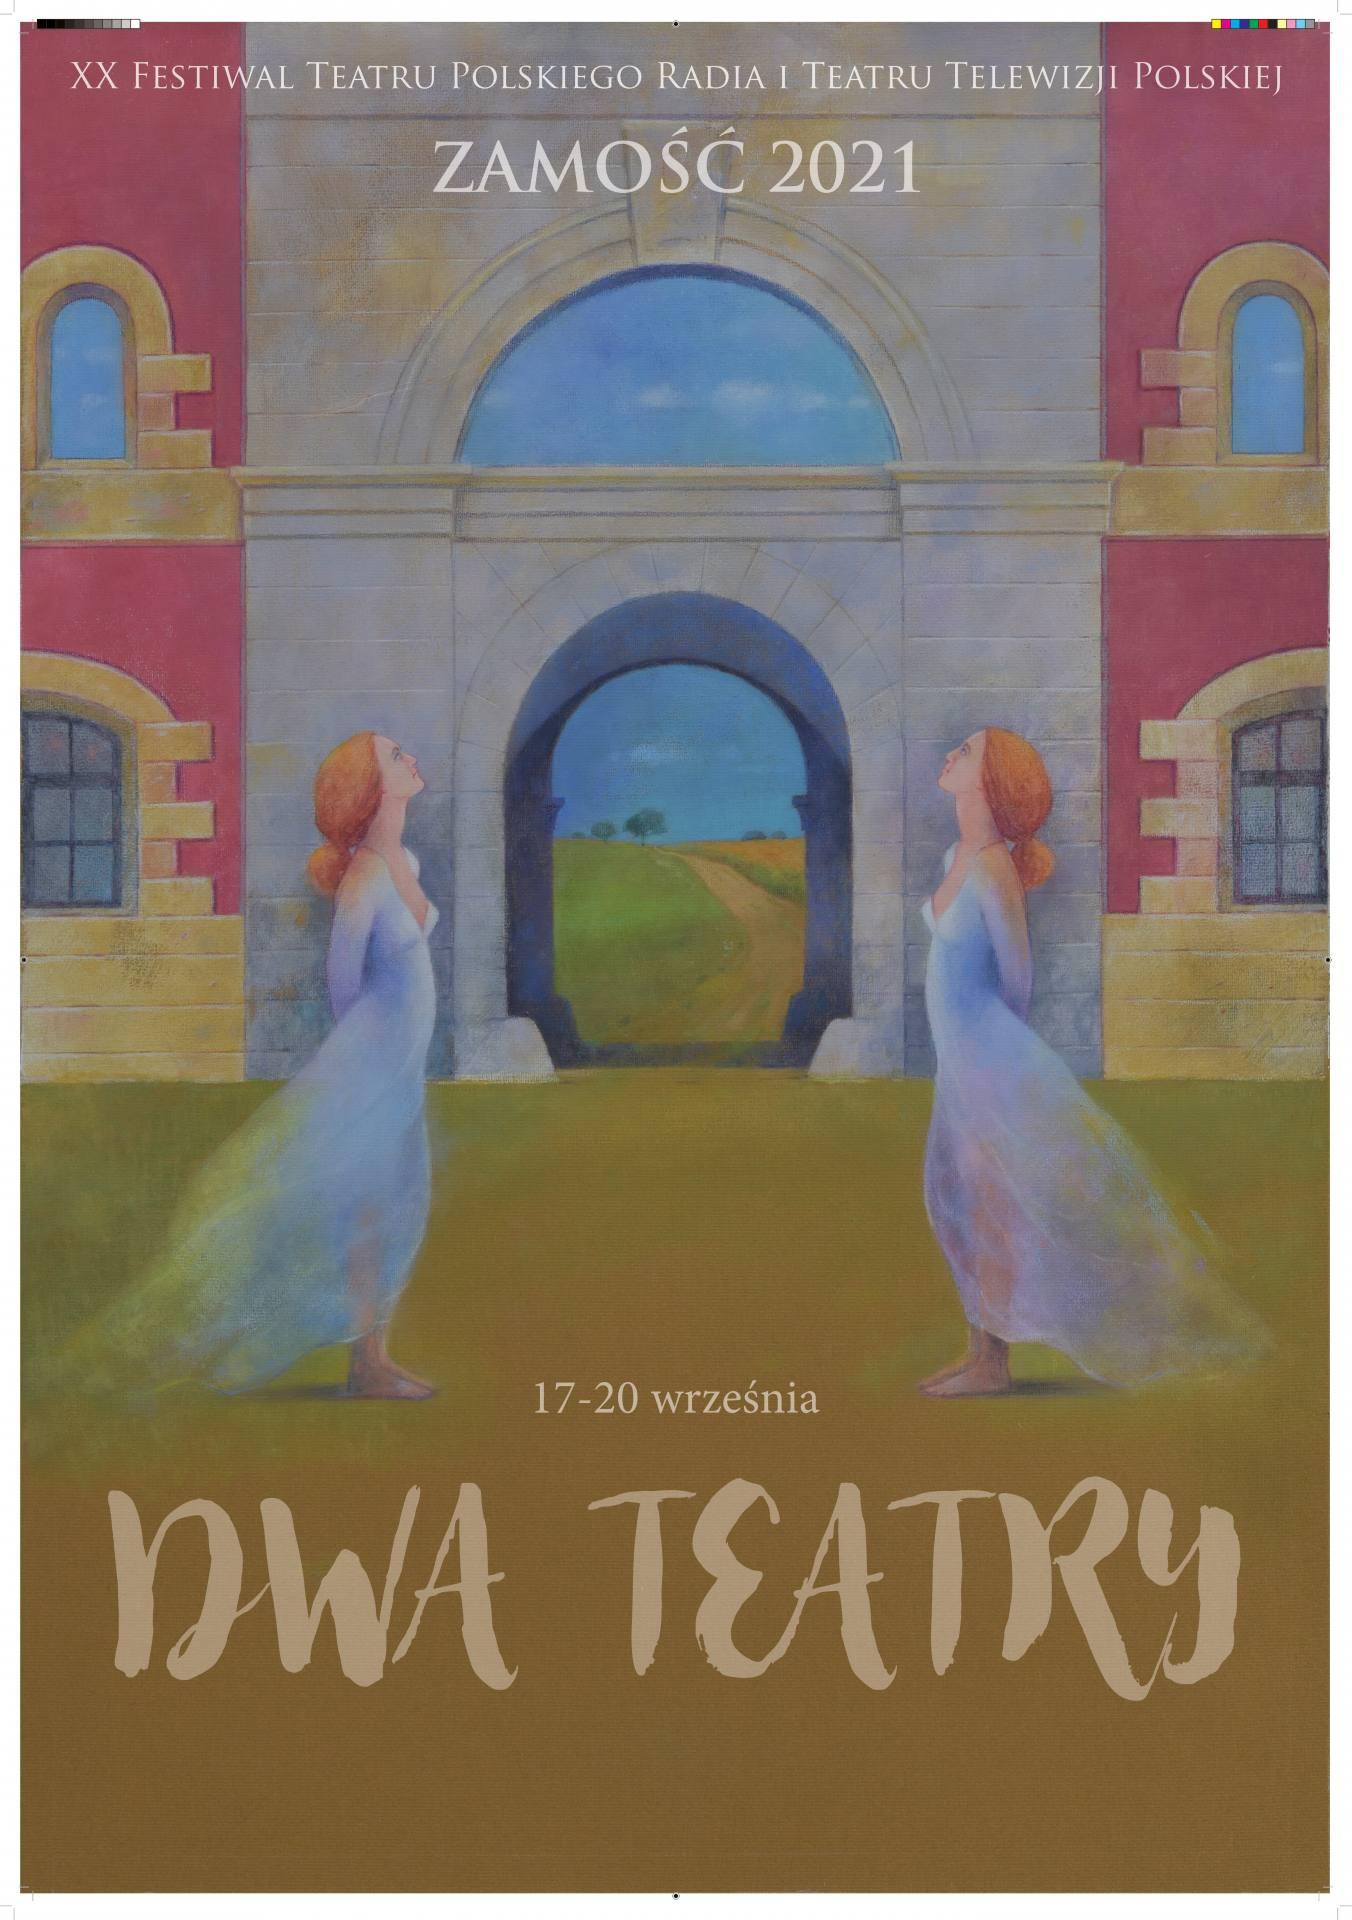 plakat glowny 2t 1 Festiwal Dwa Teatry zagości w Zamościu. Co w programie wydarzenia?